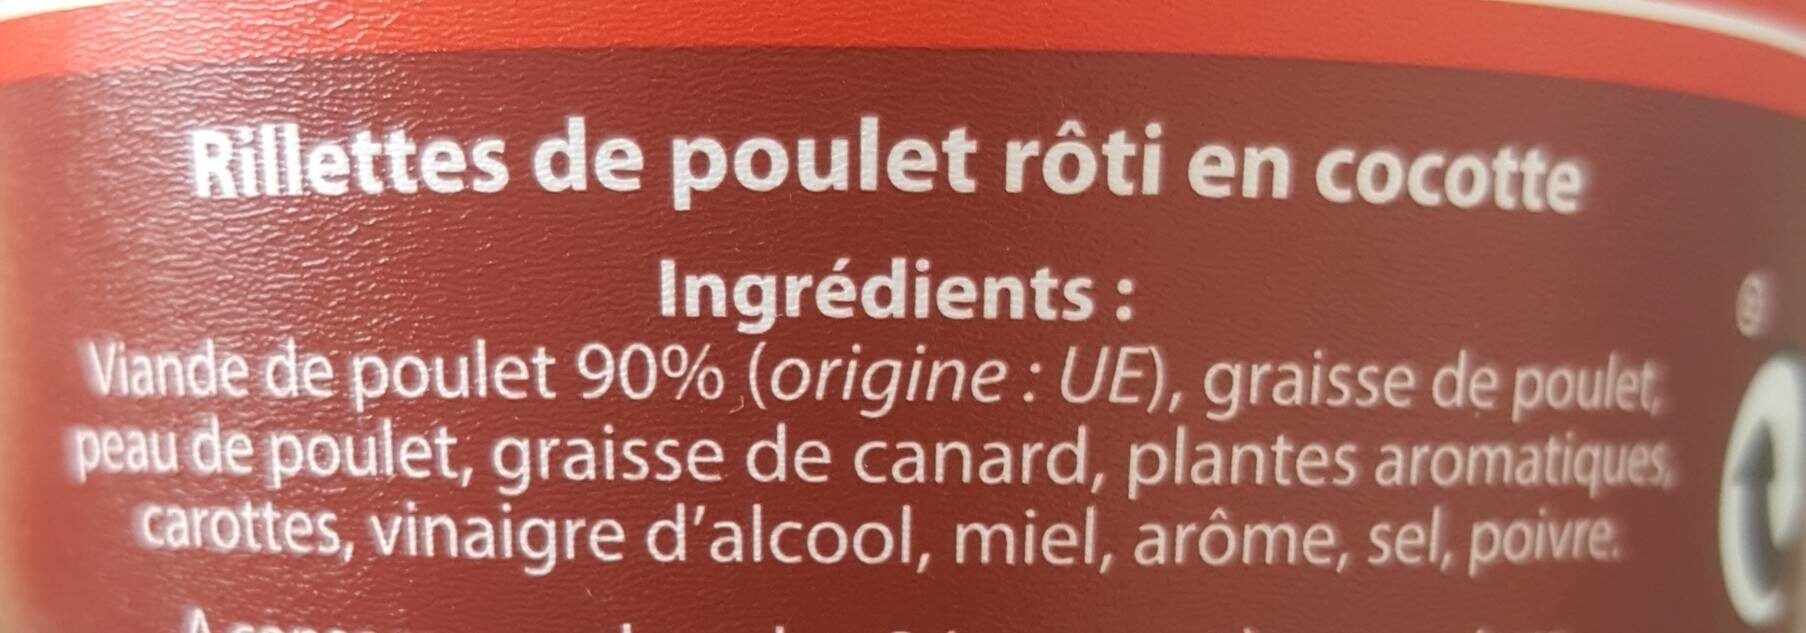 Rillettes de Poulet Rôti en cocotte - Ingrédients